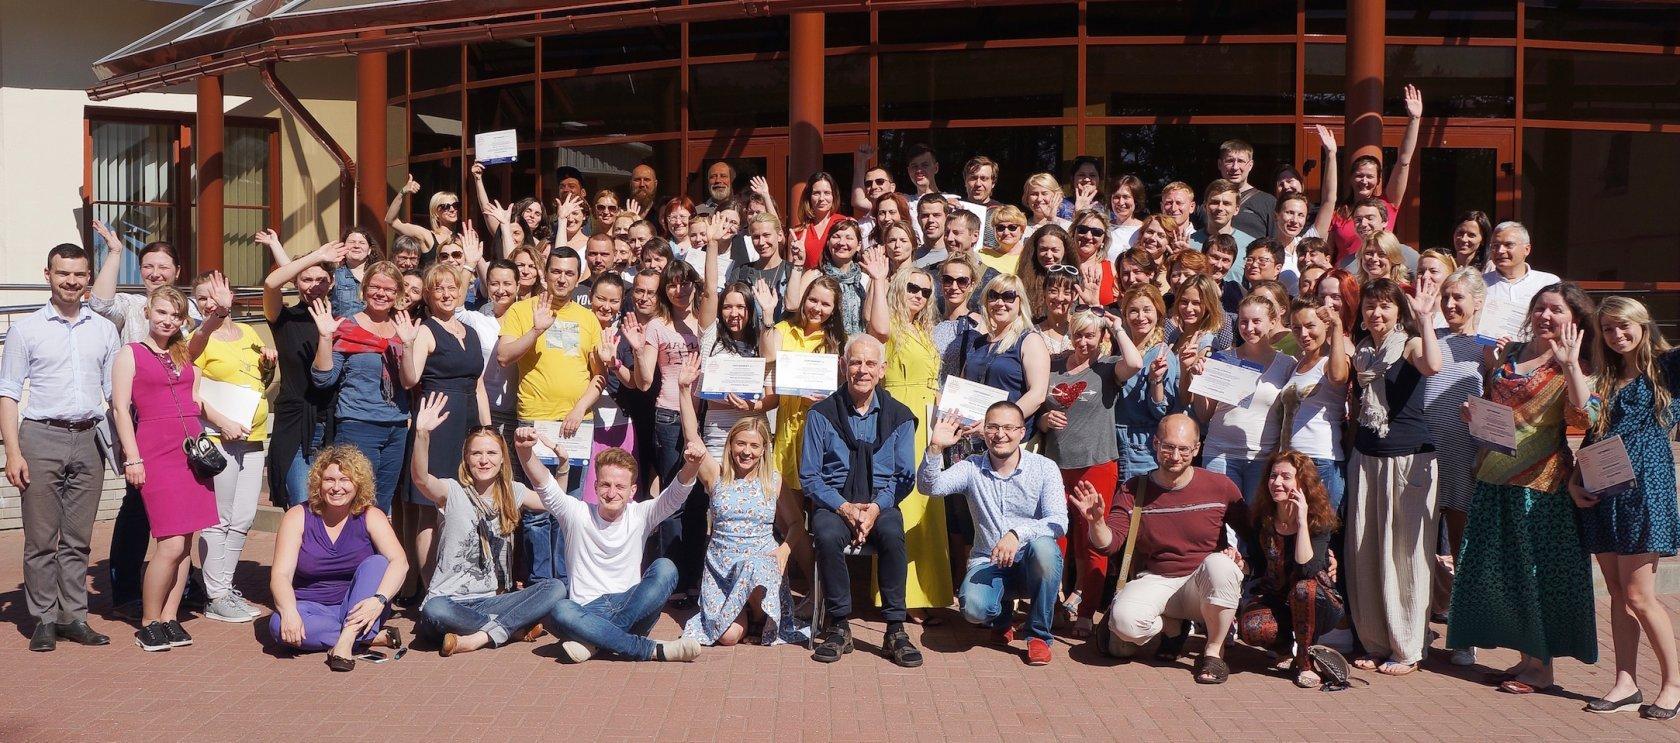 III ежегодный Международный Интенсив ICTA по коучингу, Эннеаграмме, НЛП, тренерству: июнь 2016